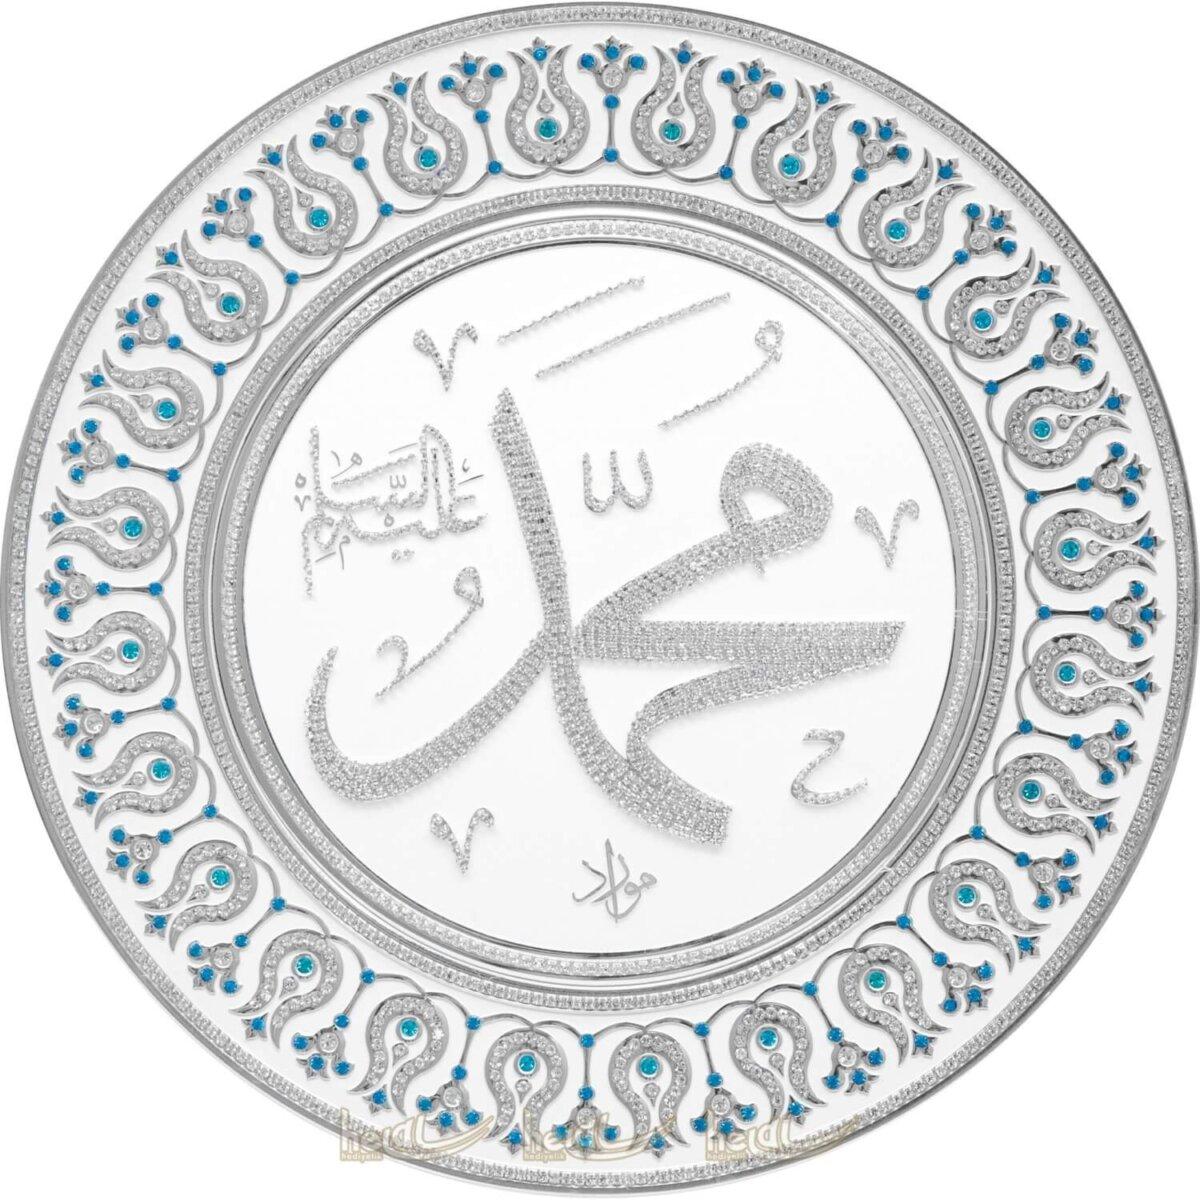 42cm Büyük Boy Kristal Çok Taşlı İsmi Nebi Muhammed sav. Yazılı Tabak Masa Üstü ve Duvar Süsü Ayetli Ürünler